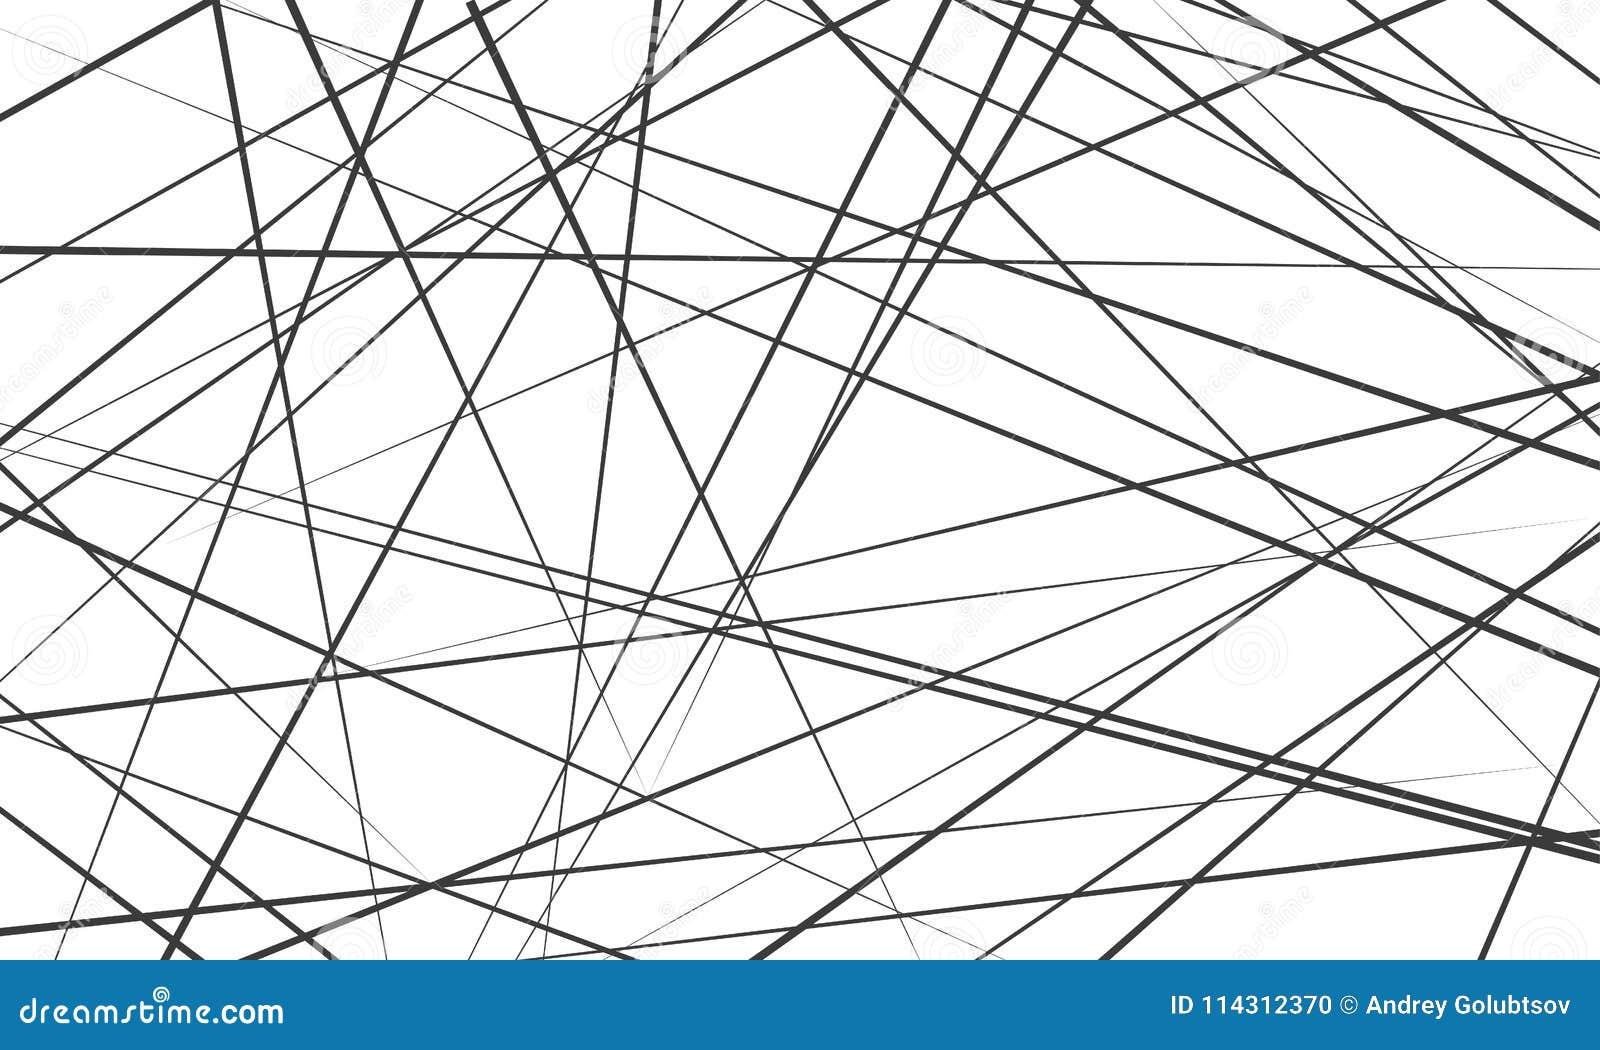 Líneas abstractas caóticas fondo del modelo del vector